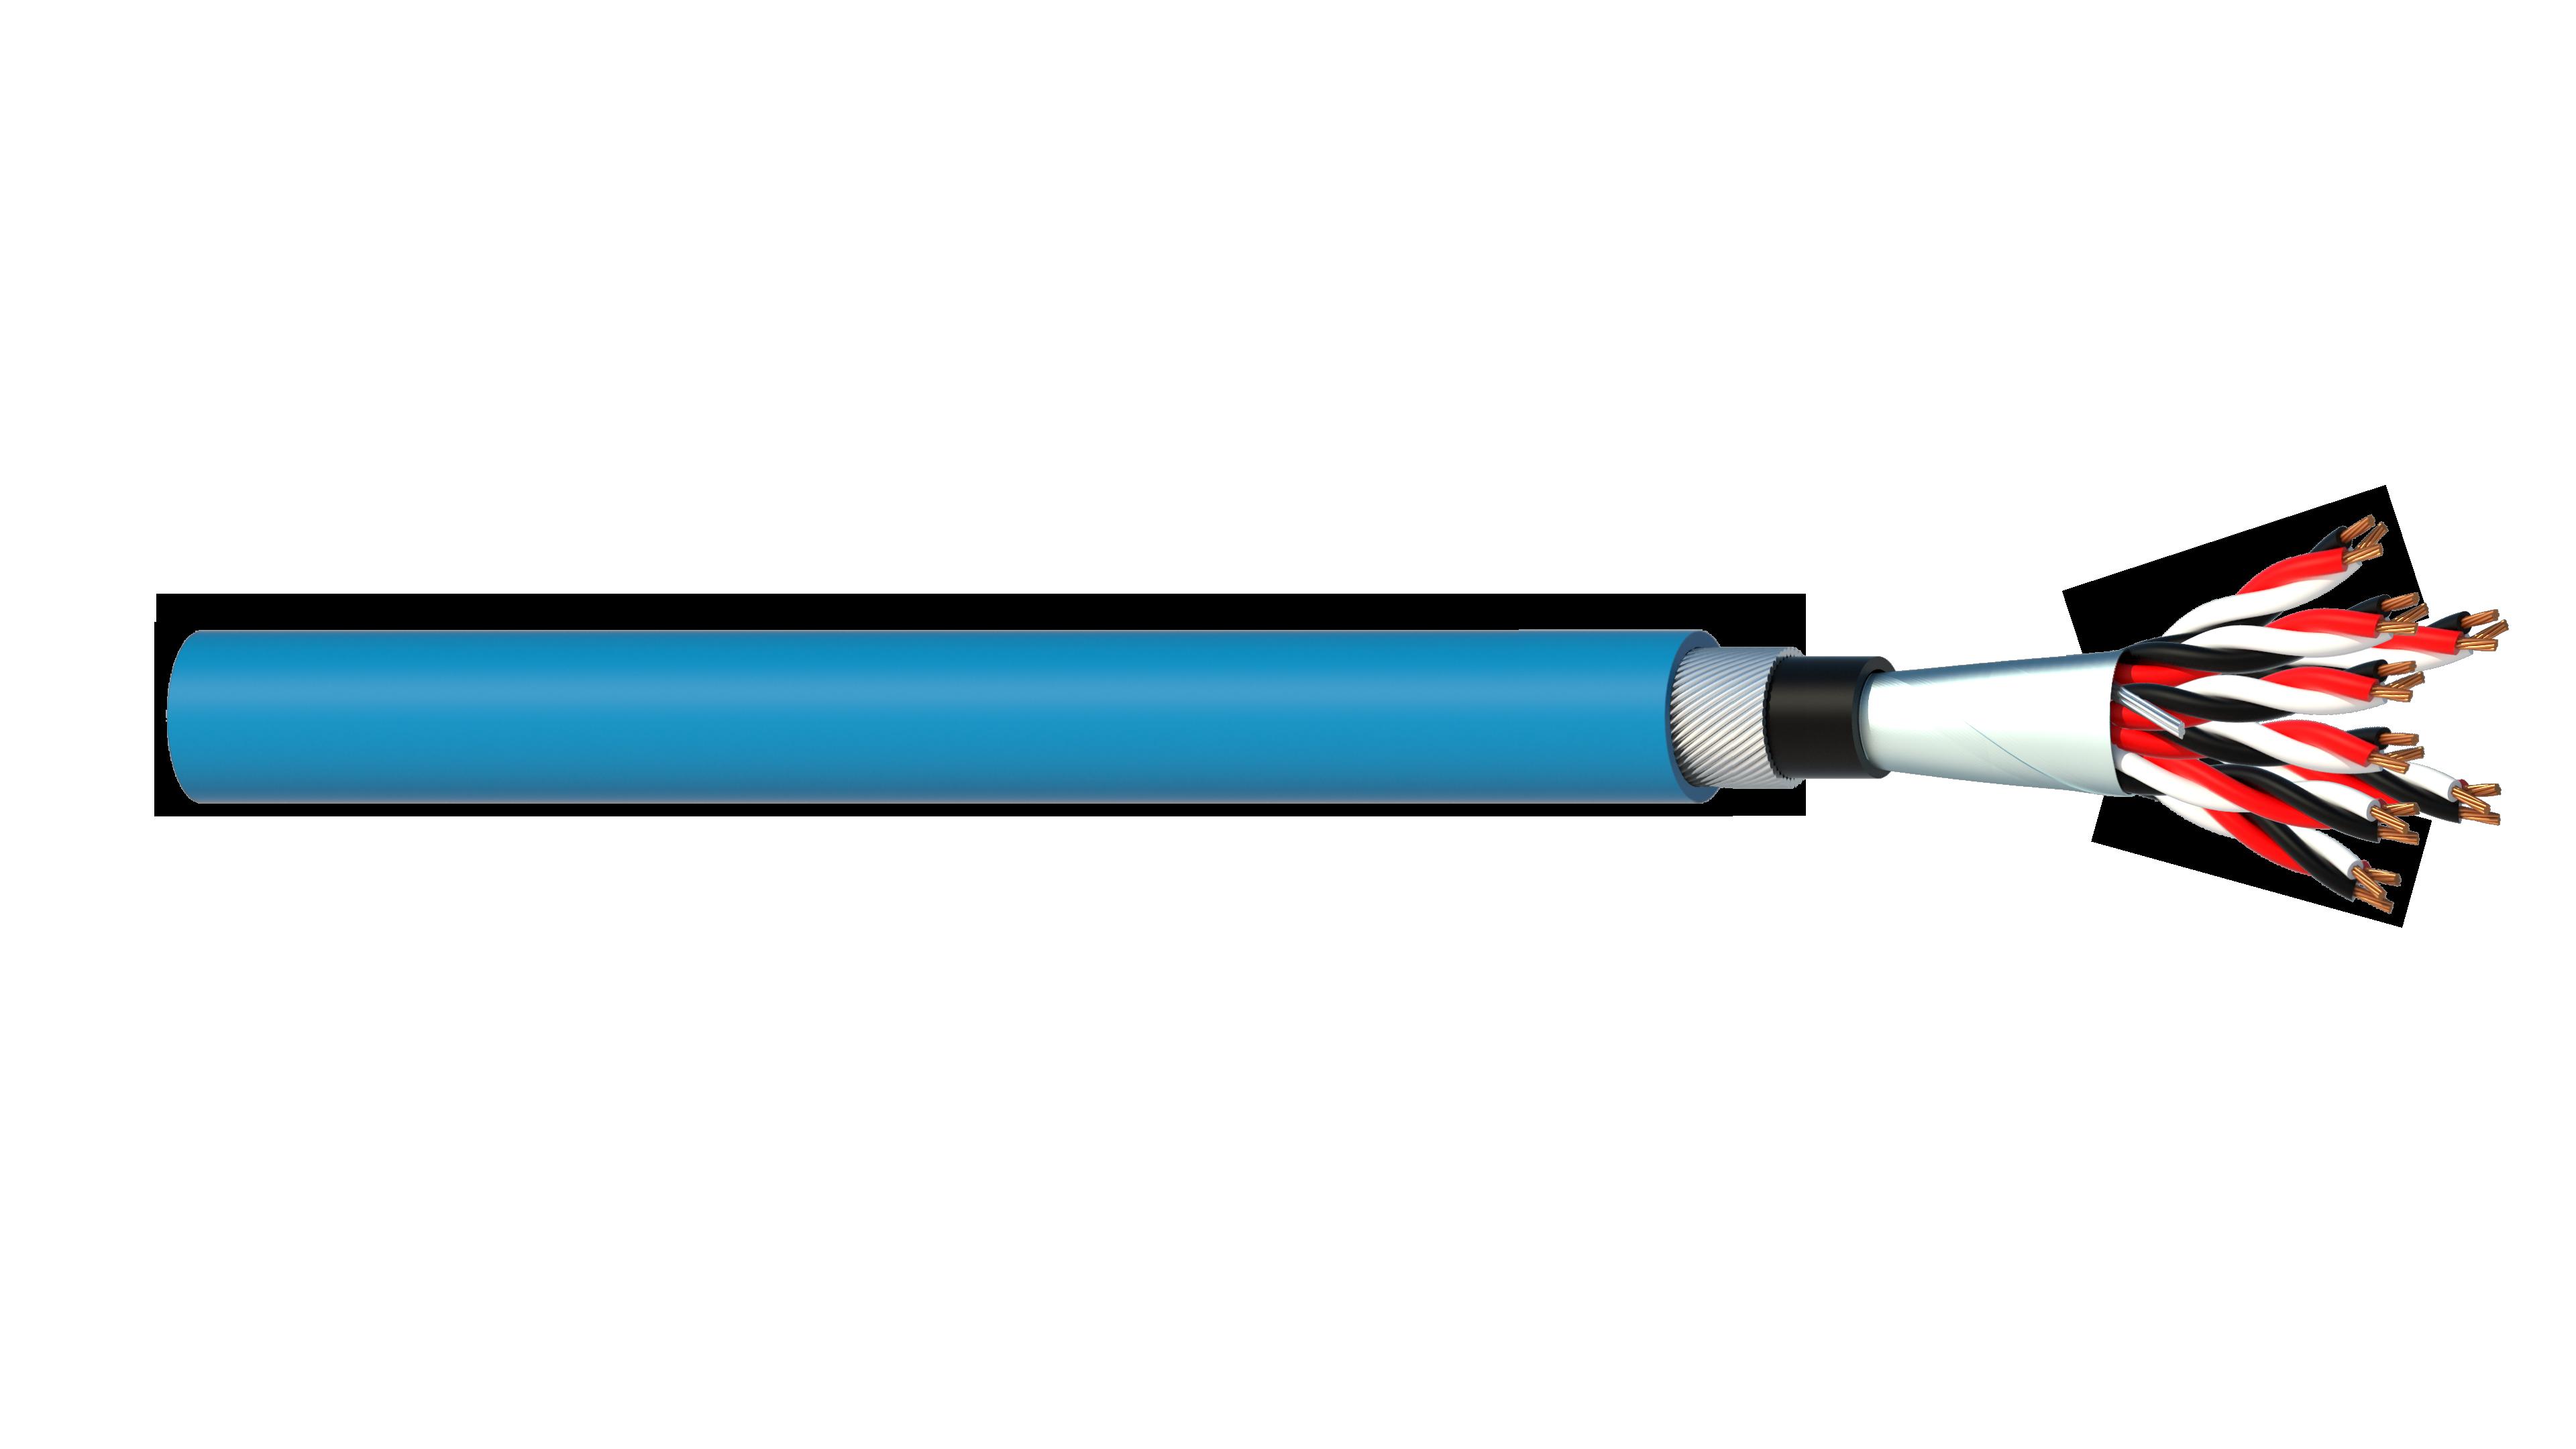 8 Triad 1.5mm2 Cu/PVC/OS/PVC/SWA/PVC Maser Instrumentation Cable - Blue Sheath